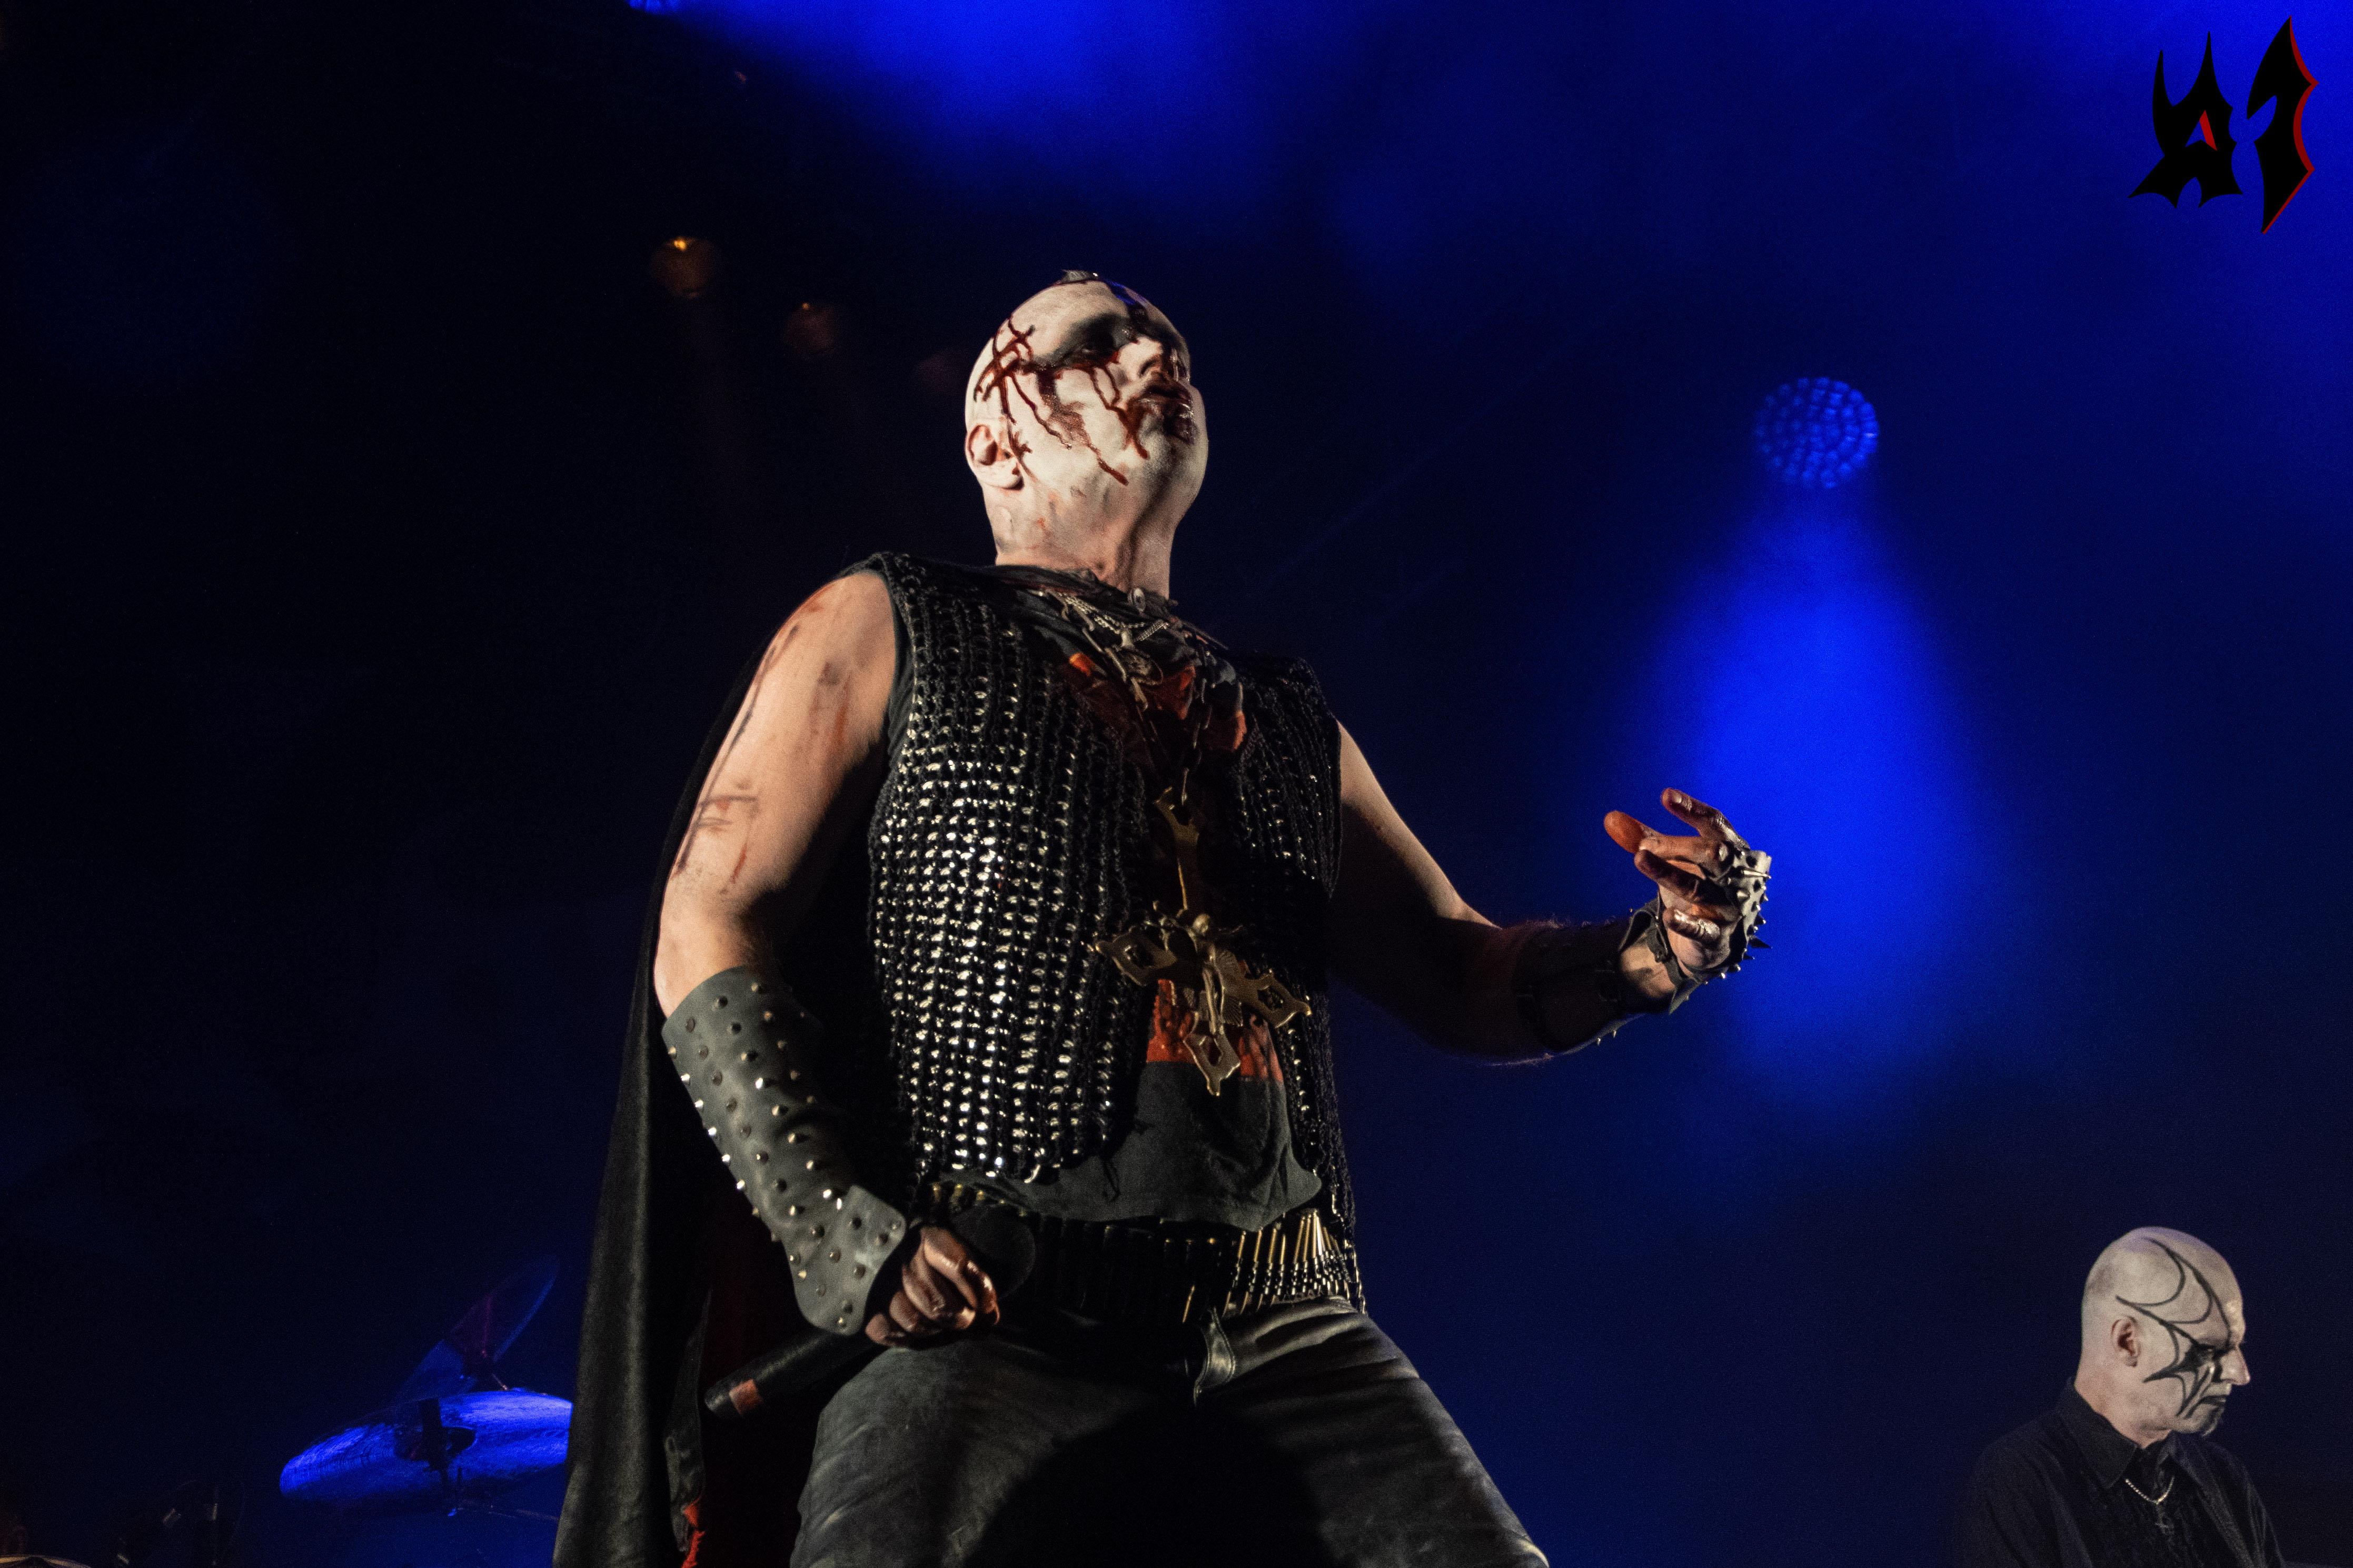 Hellfest - Tormentor - 22